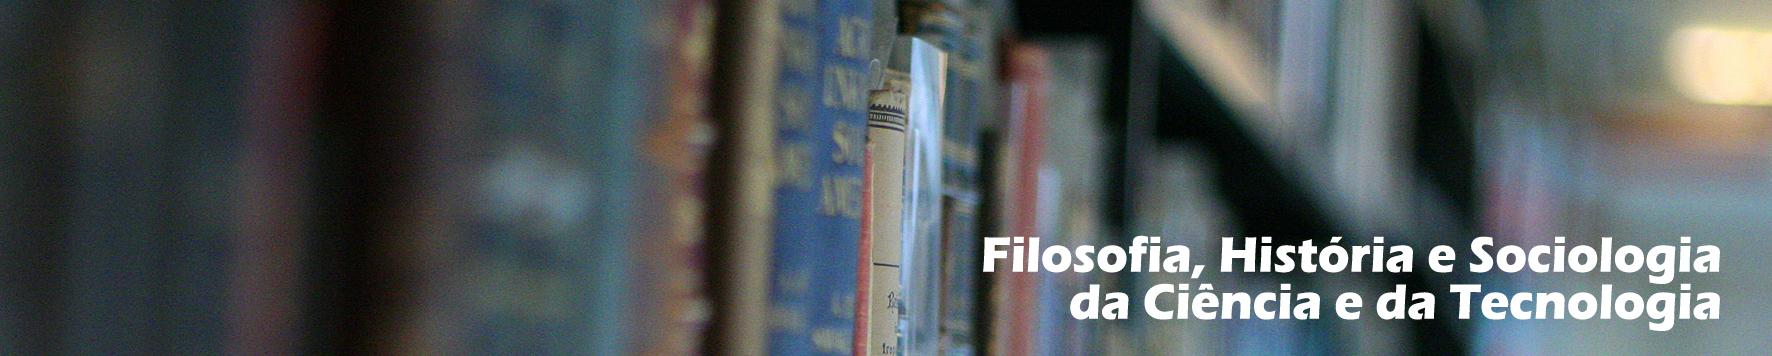 Filosofia, História e Sociologia da Ciência e da Tecnologia - Capa